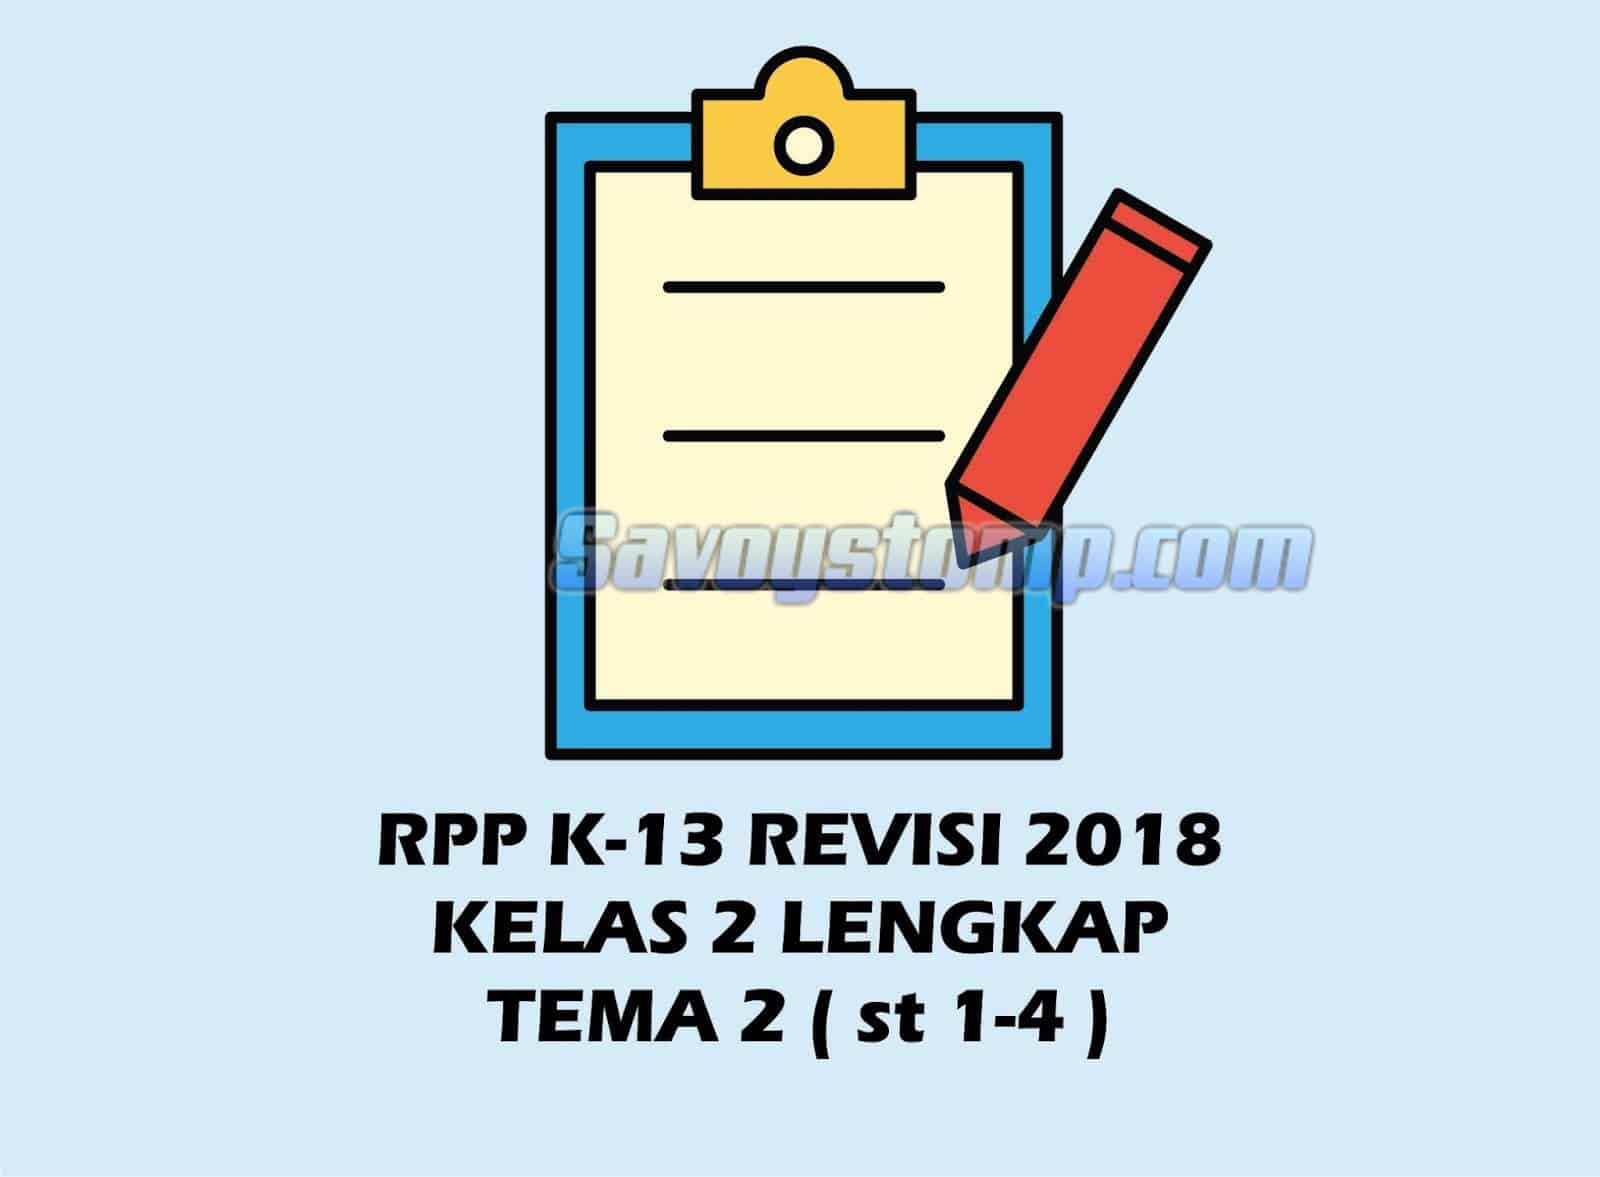 RPP-K13-Kelas-2-Pengertian-Umum-Contoh-Tema-dan-Link-Downloadnya